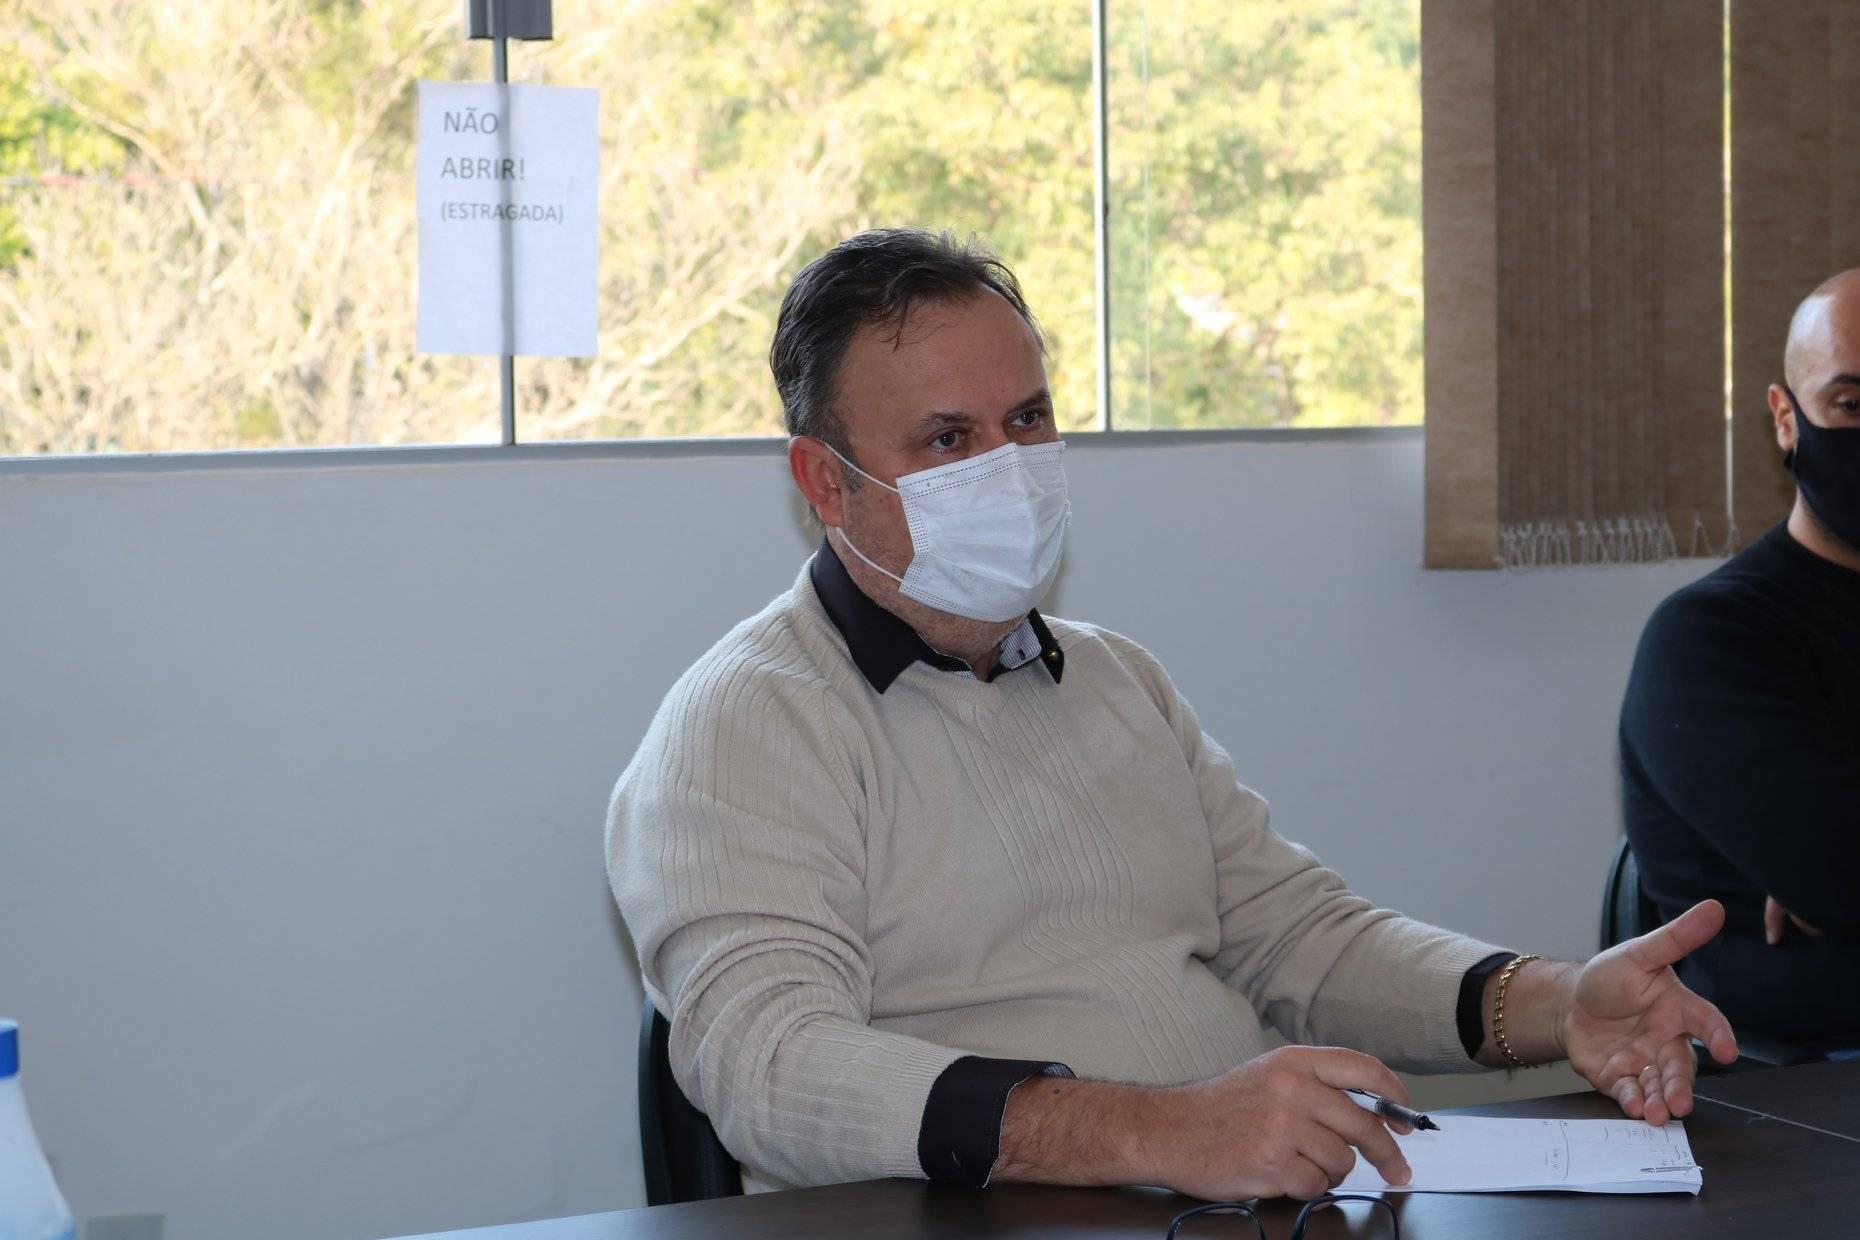 Aumento de casos de covid-19 em Santo Antônio das Missões motiva reunião